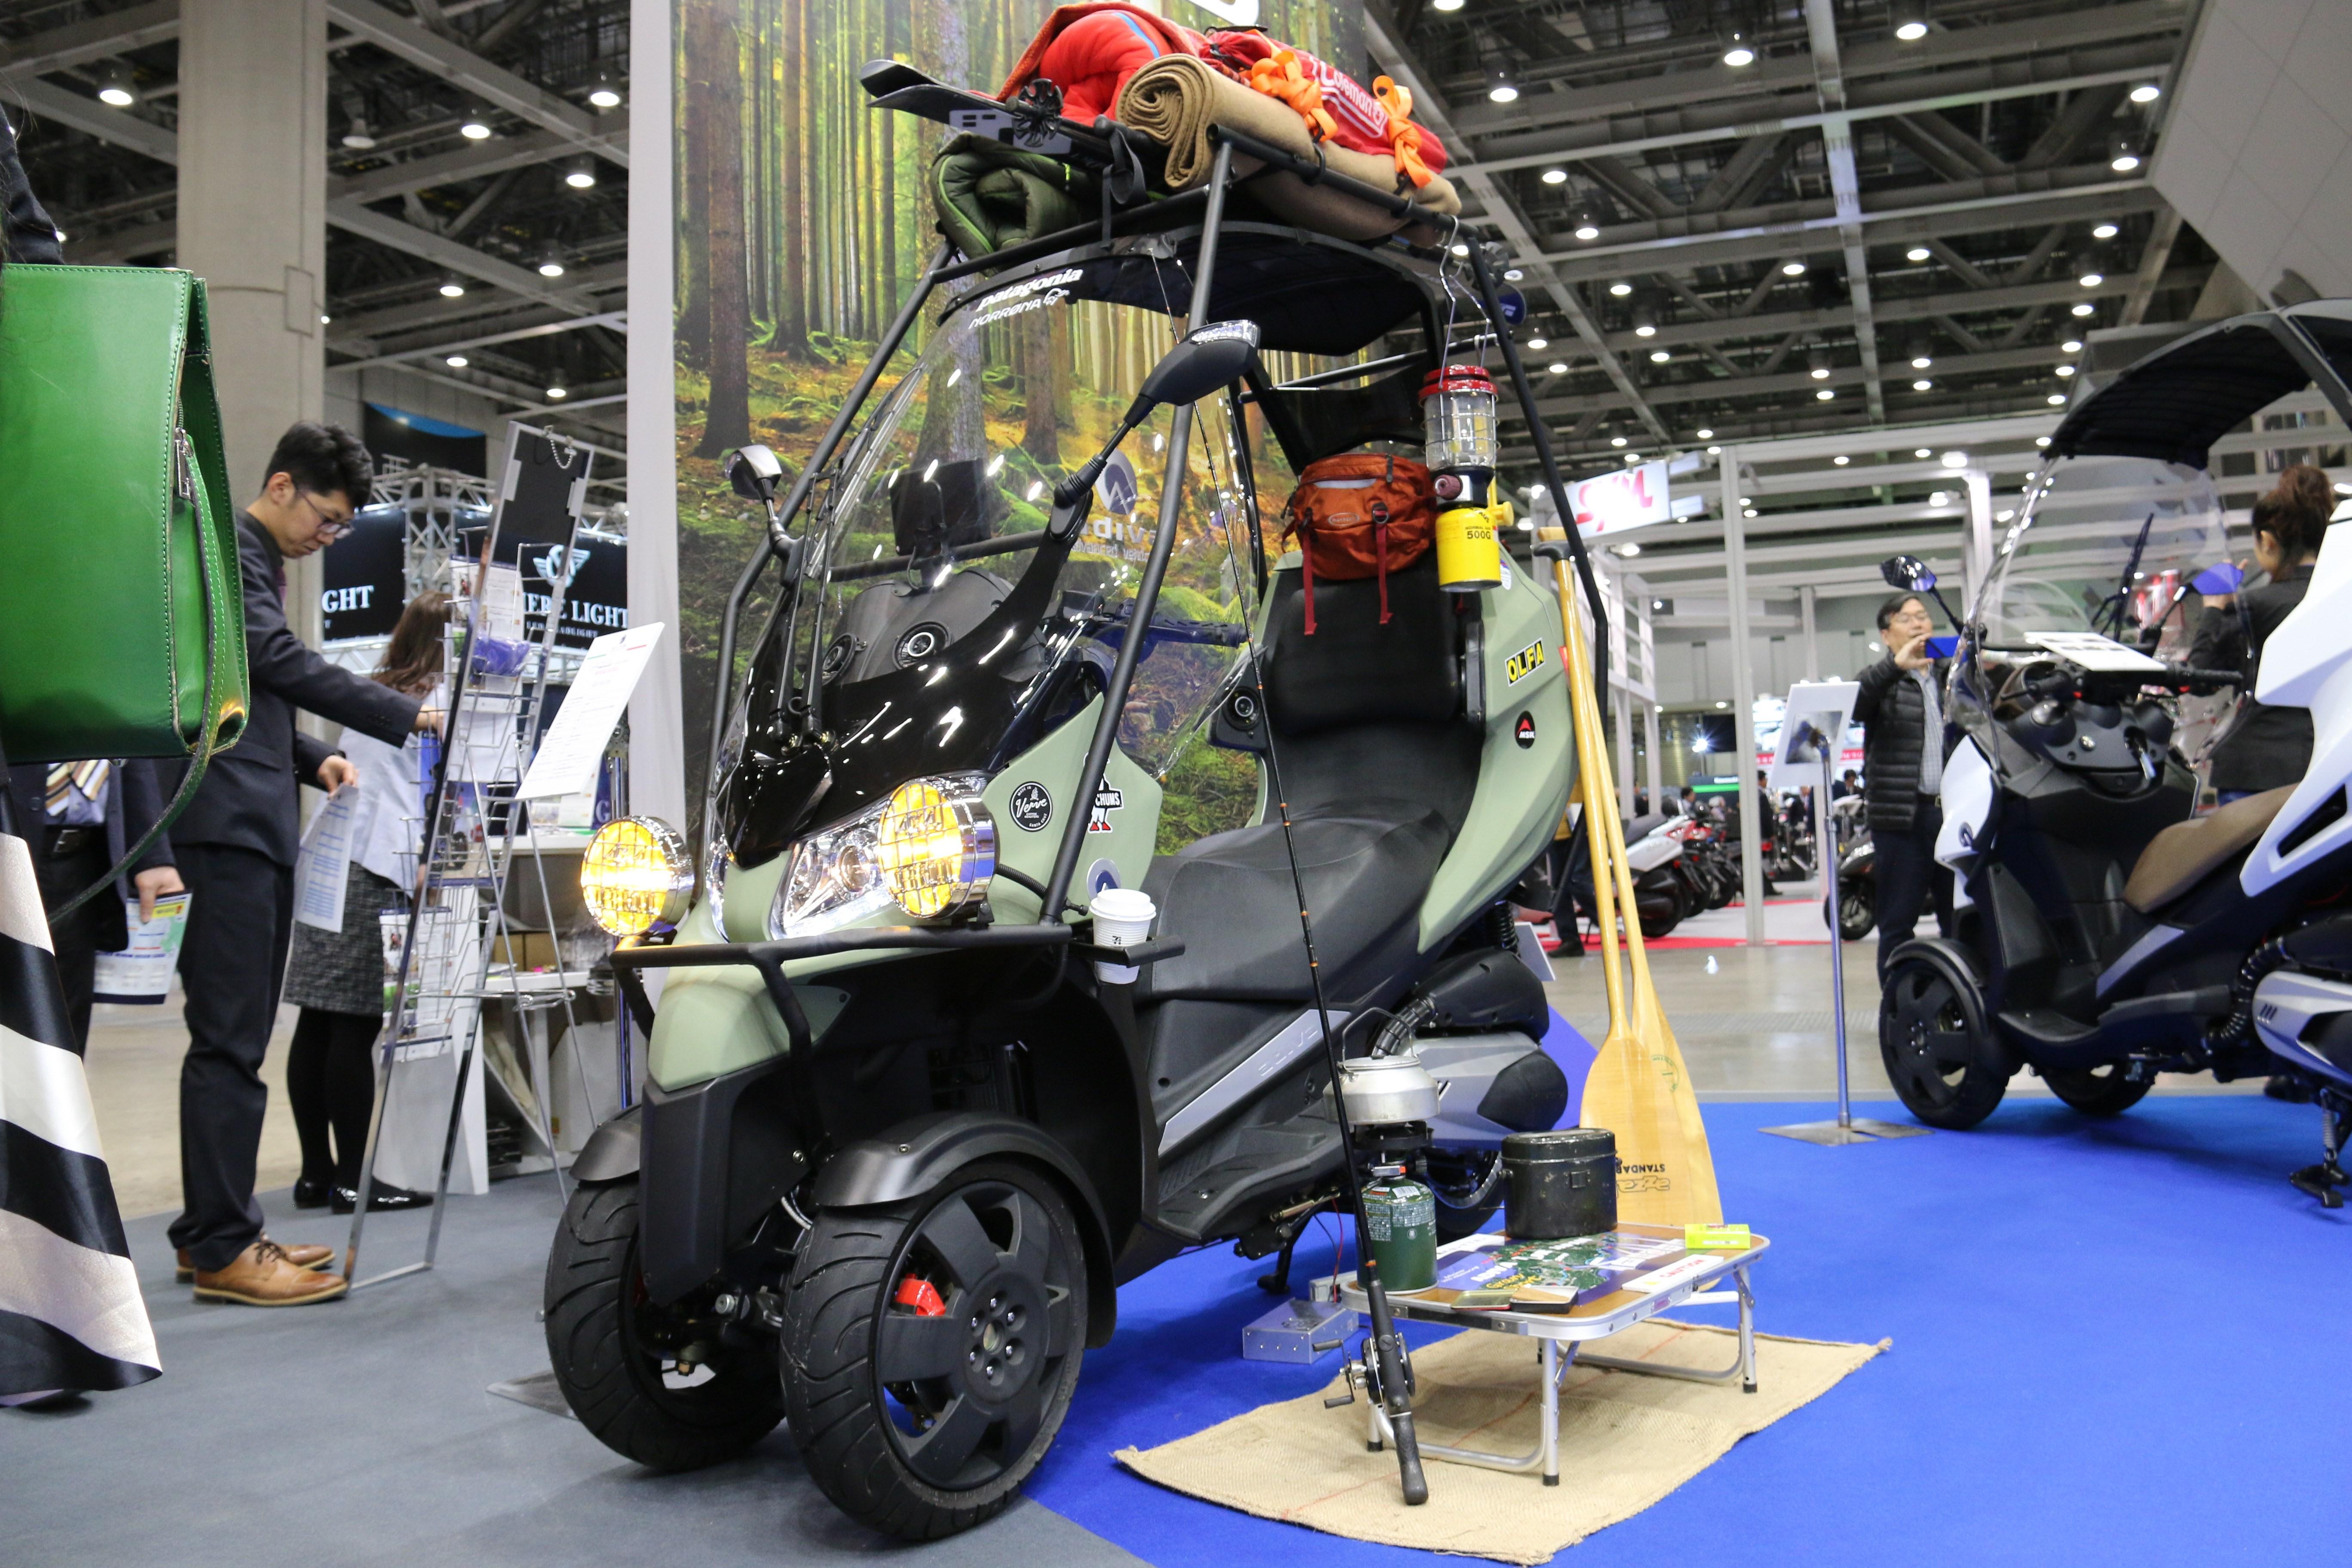 【東京モーターサイクルショー2017】これでキャンプに行ってみたい、アウトドア仕様の3輪バイク